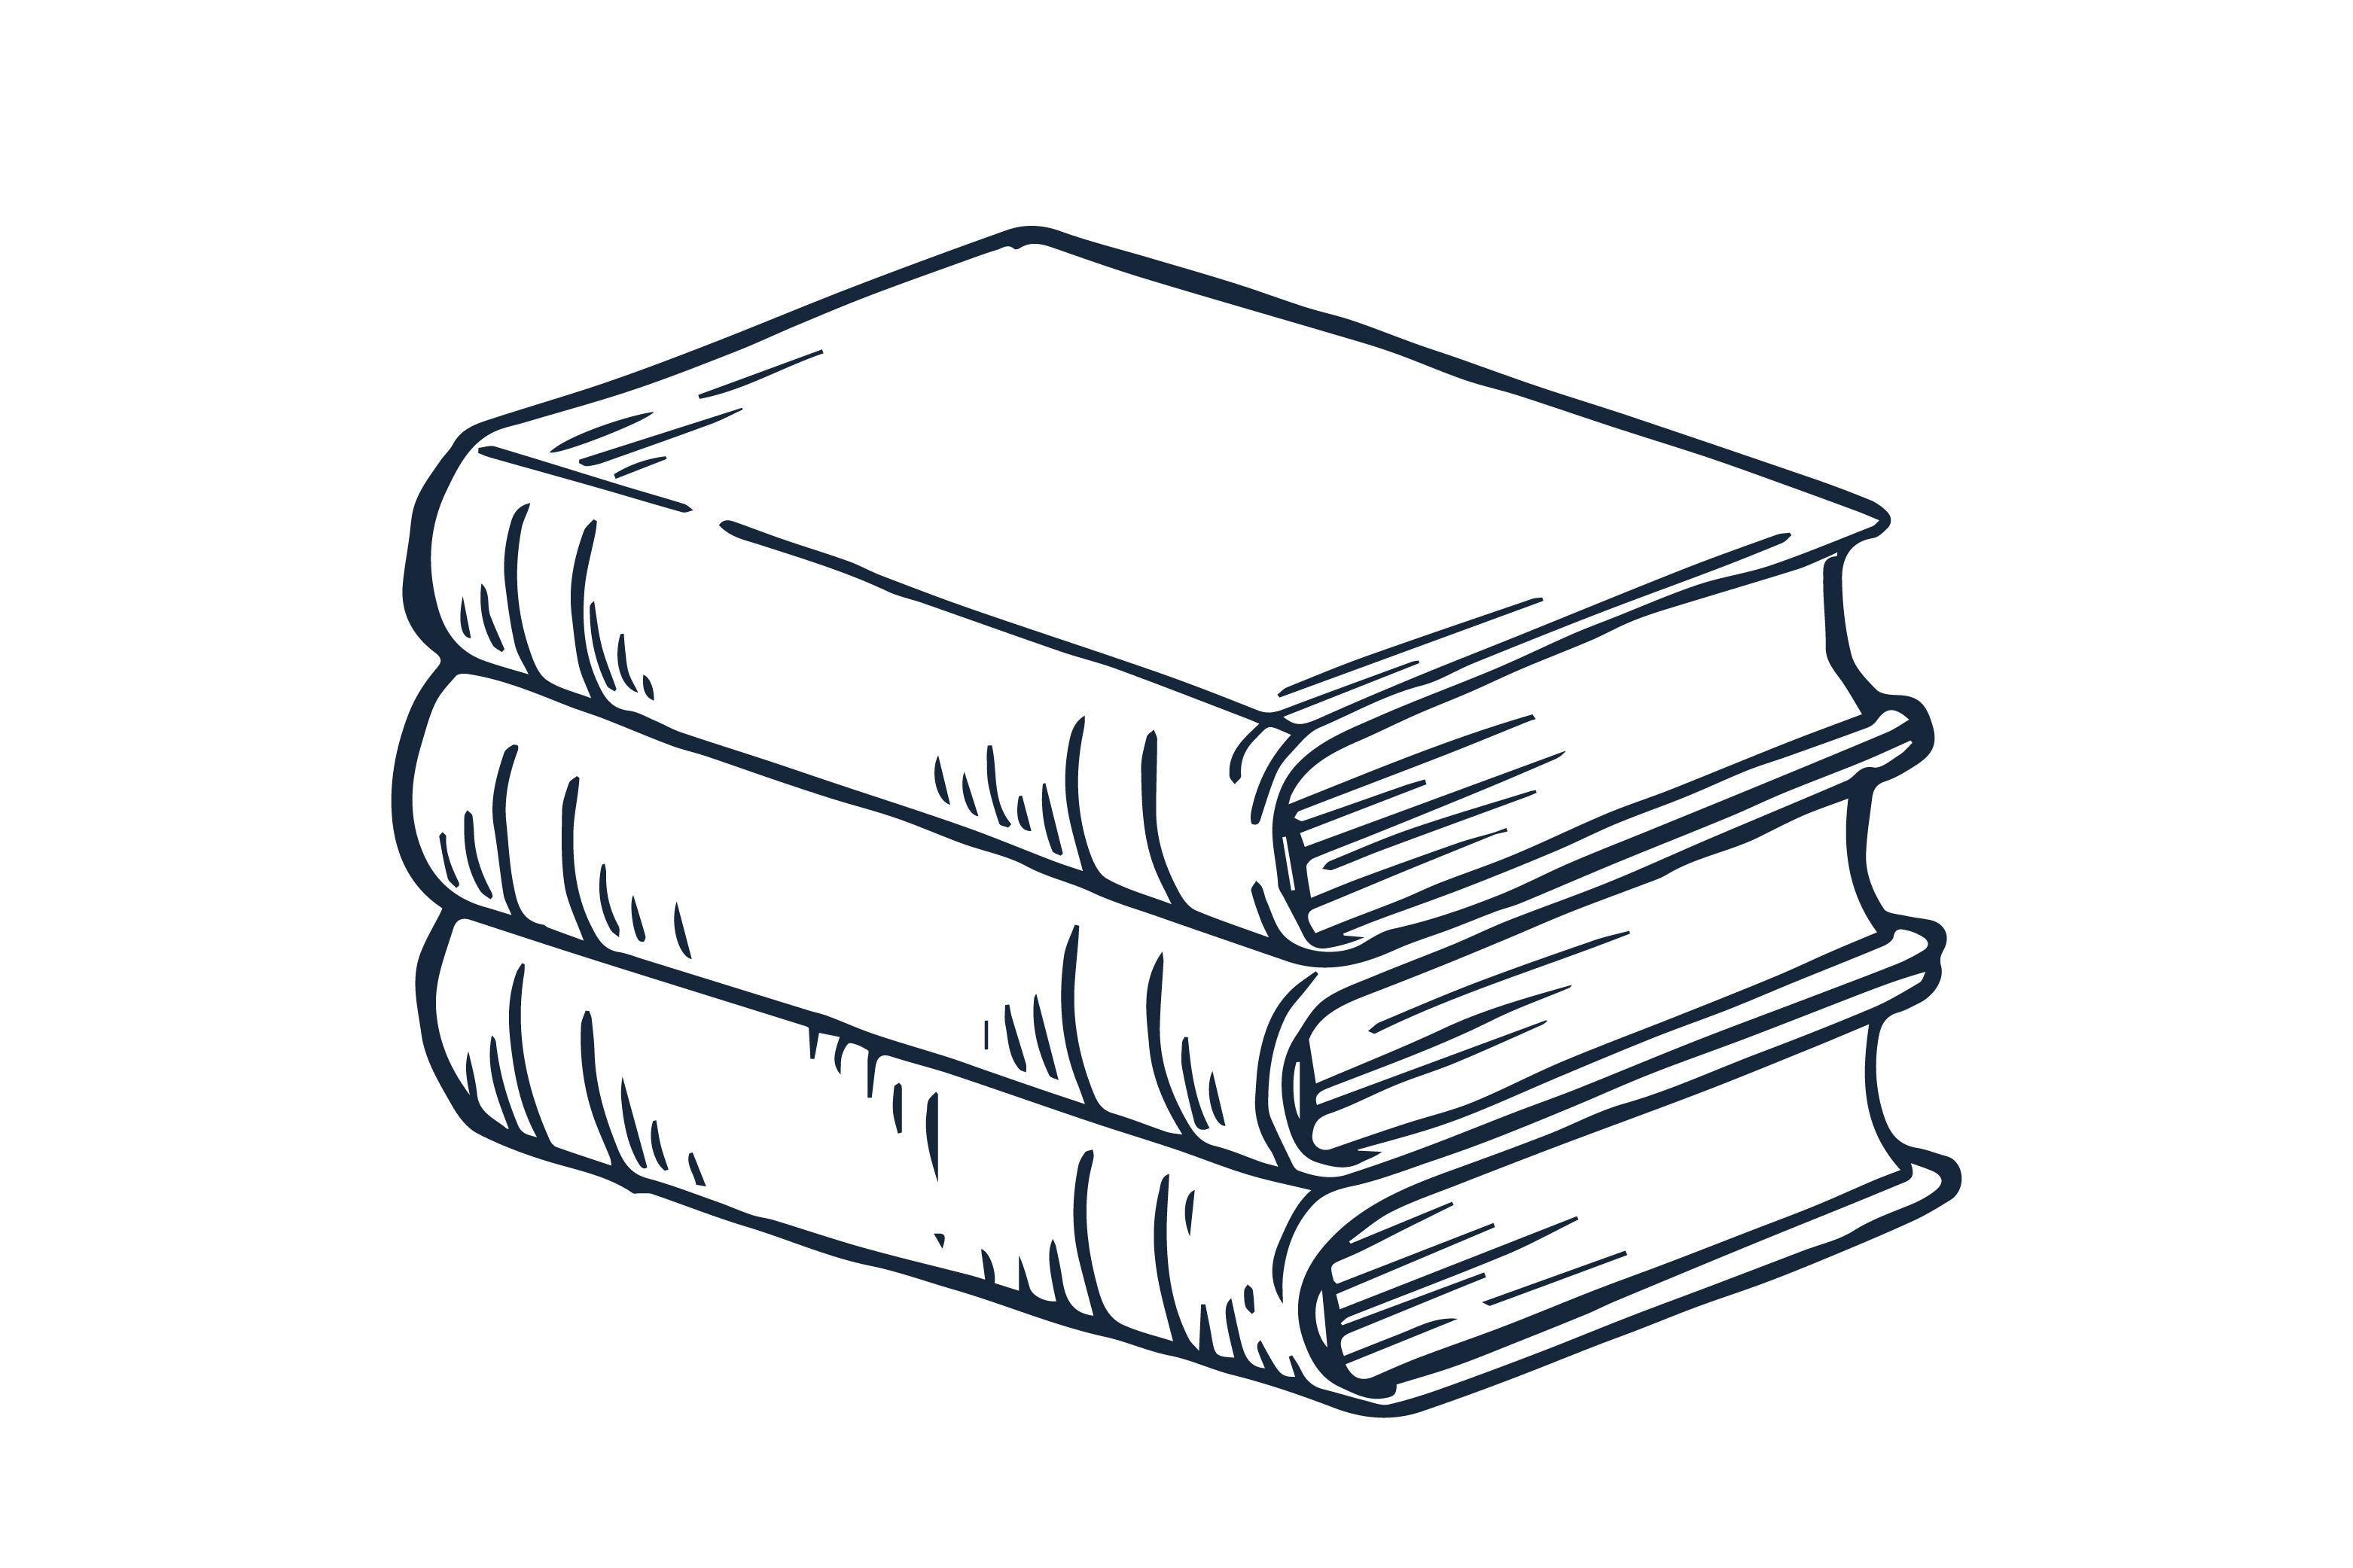 Pila de arte lineal de ilustración de libros